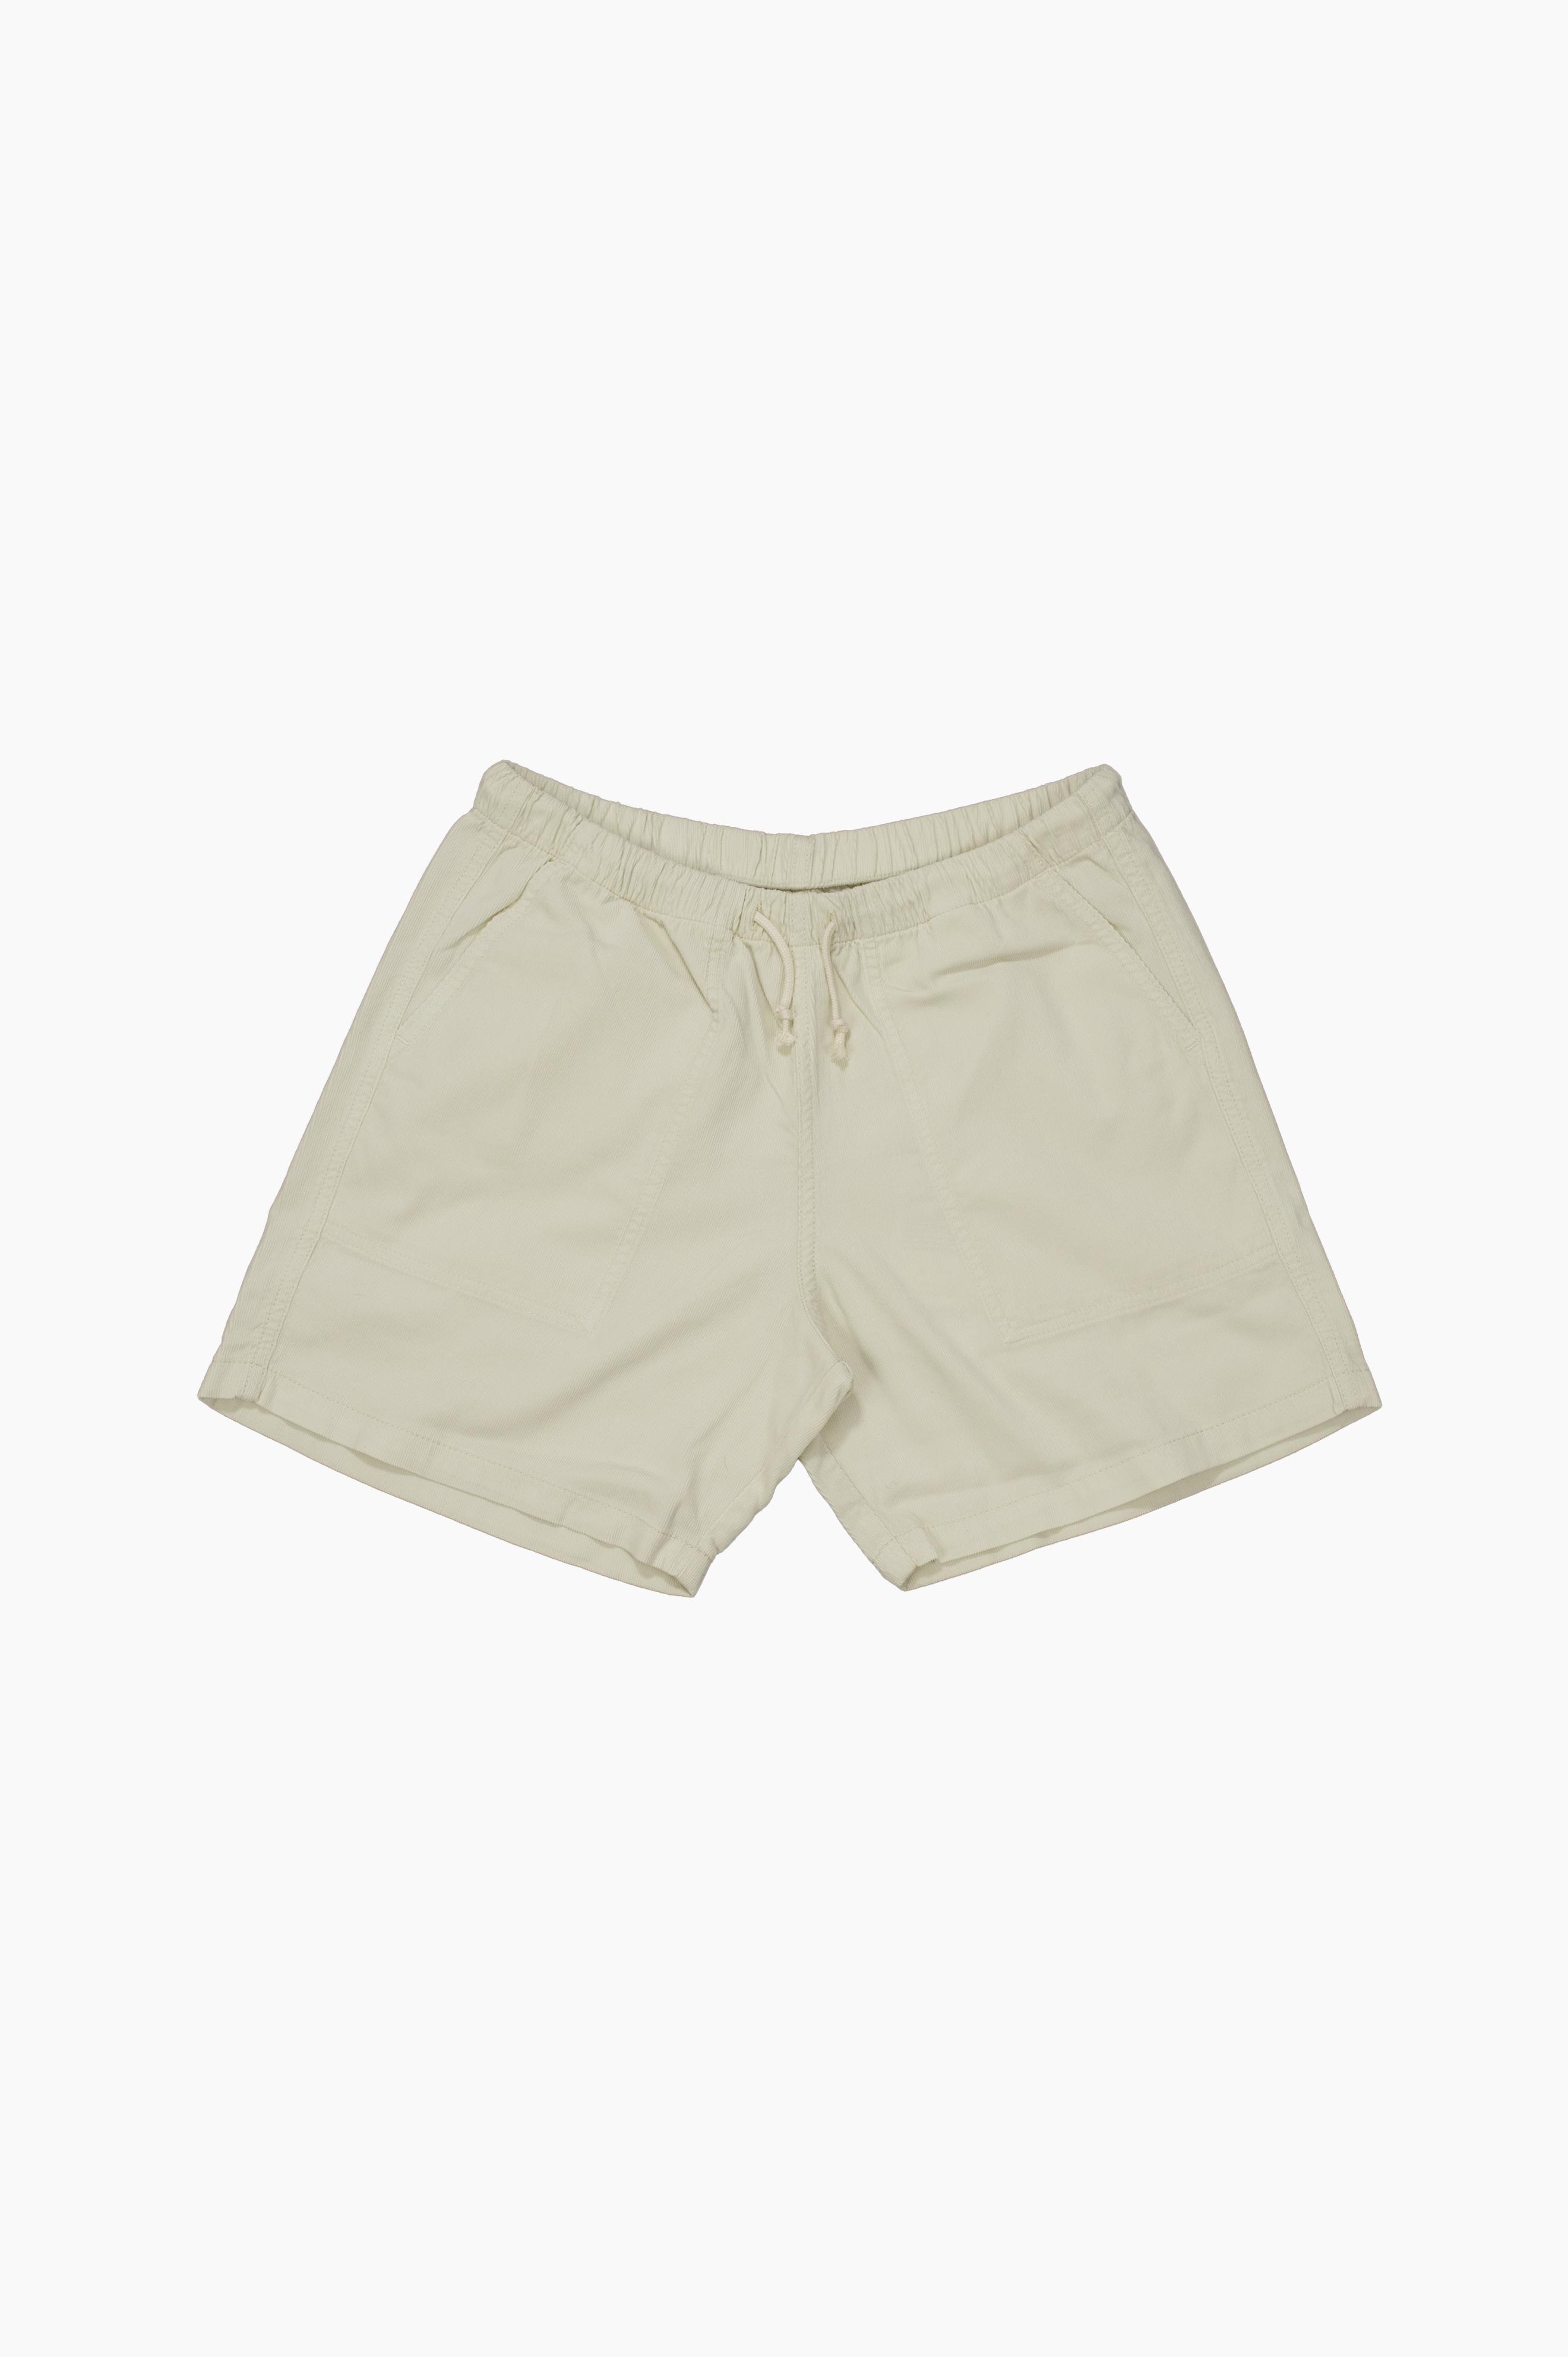 Corduroy Short Pants Beige